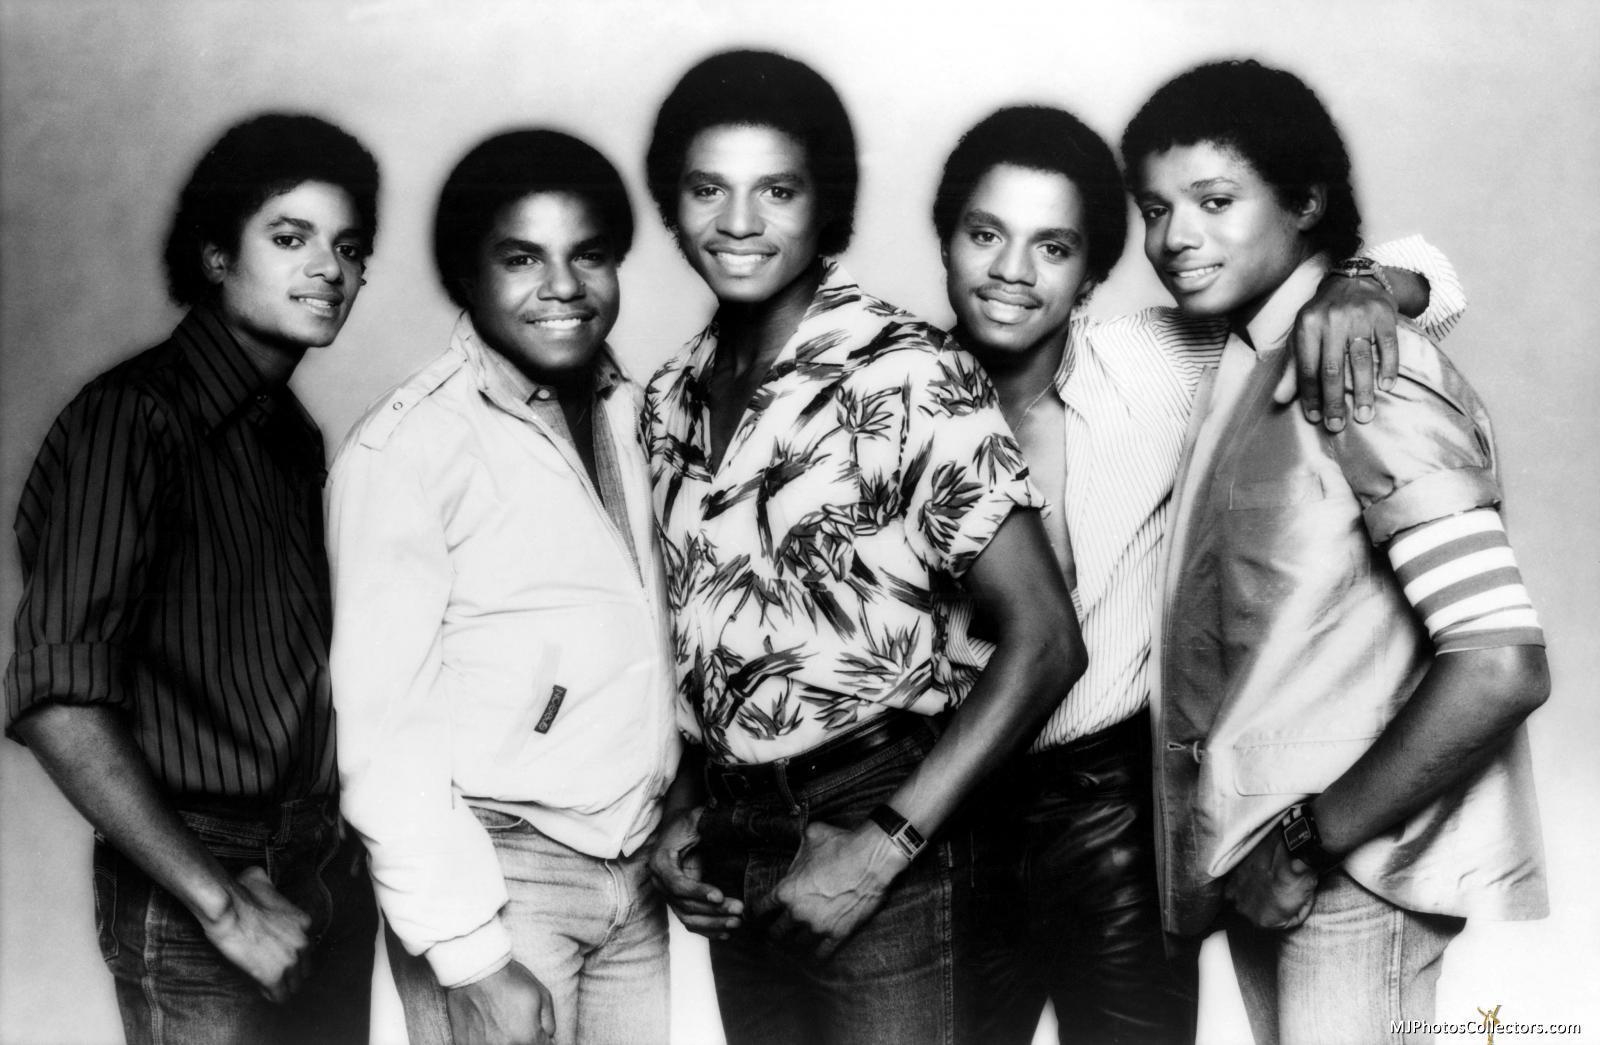 3 Jacksons, The - Voorwaarts.... Mars!!!